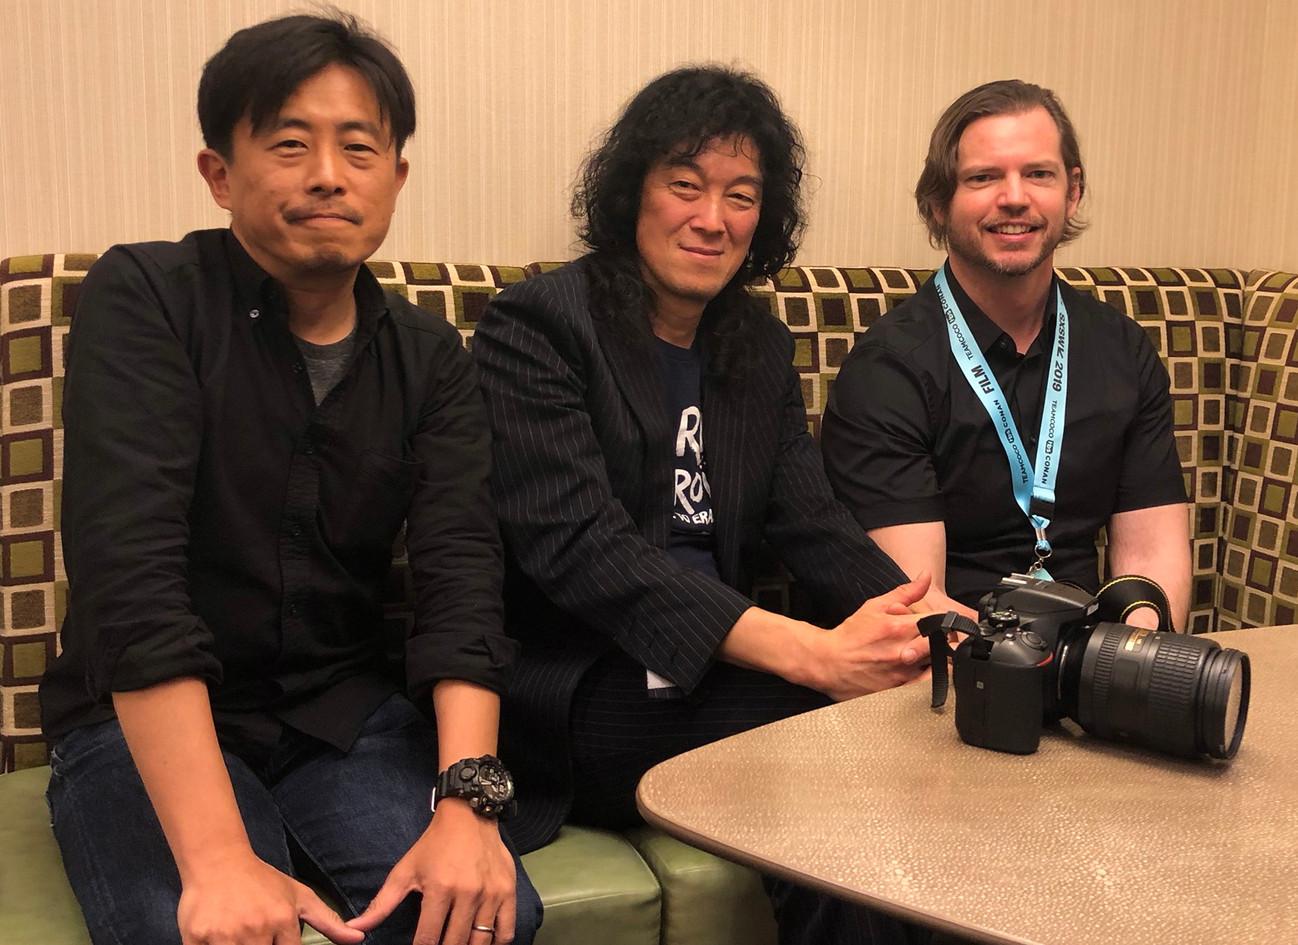 SXSW_interview_kyodo_IMG_0030.jpg